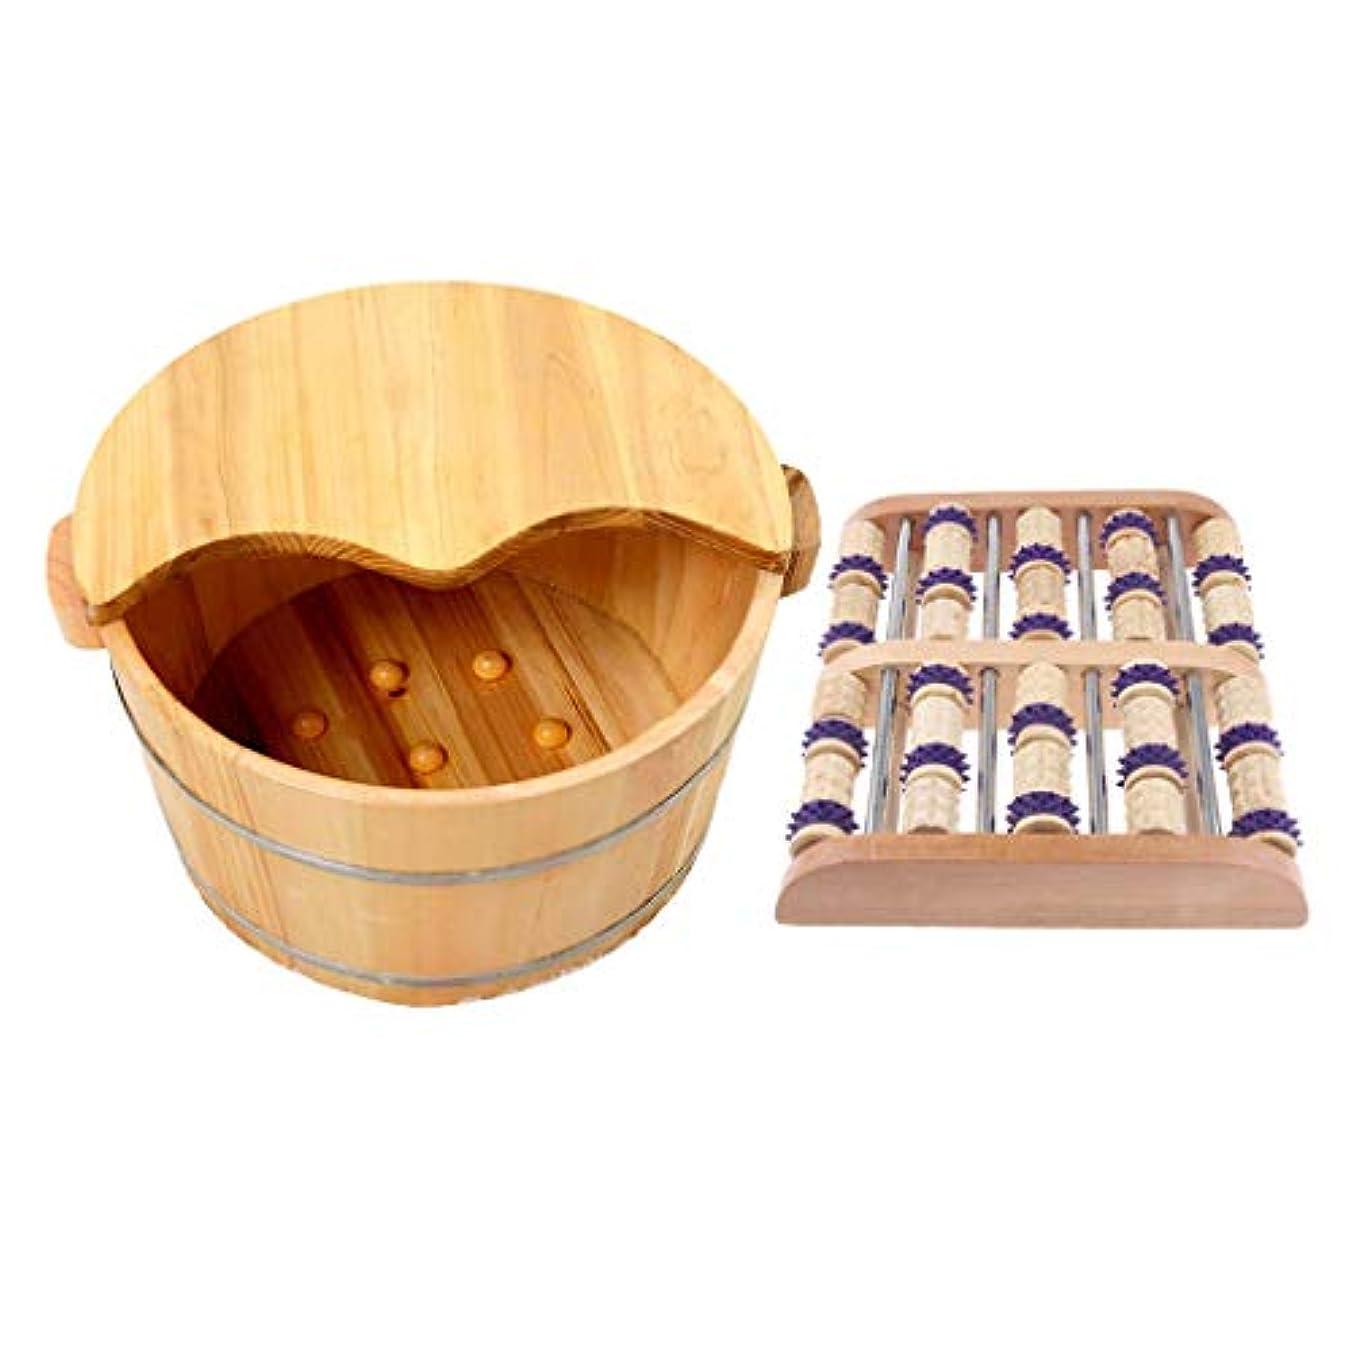 入口保安異議gazechimp 足つぼ マット マッサージフット 手作りウッド タイトステッチ 足裏 ツボ押健康木製の足の洗面台付き